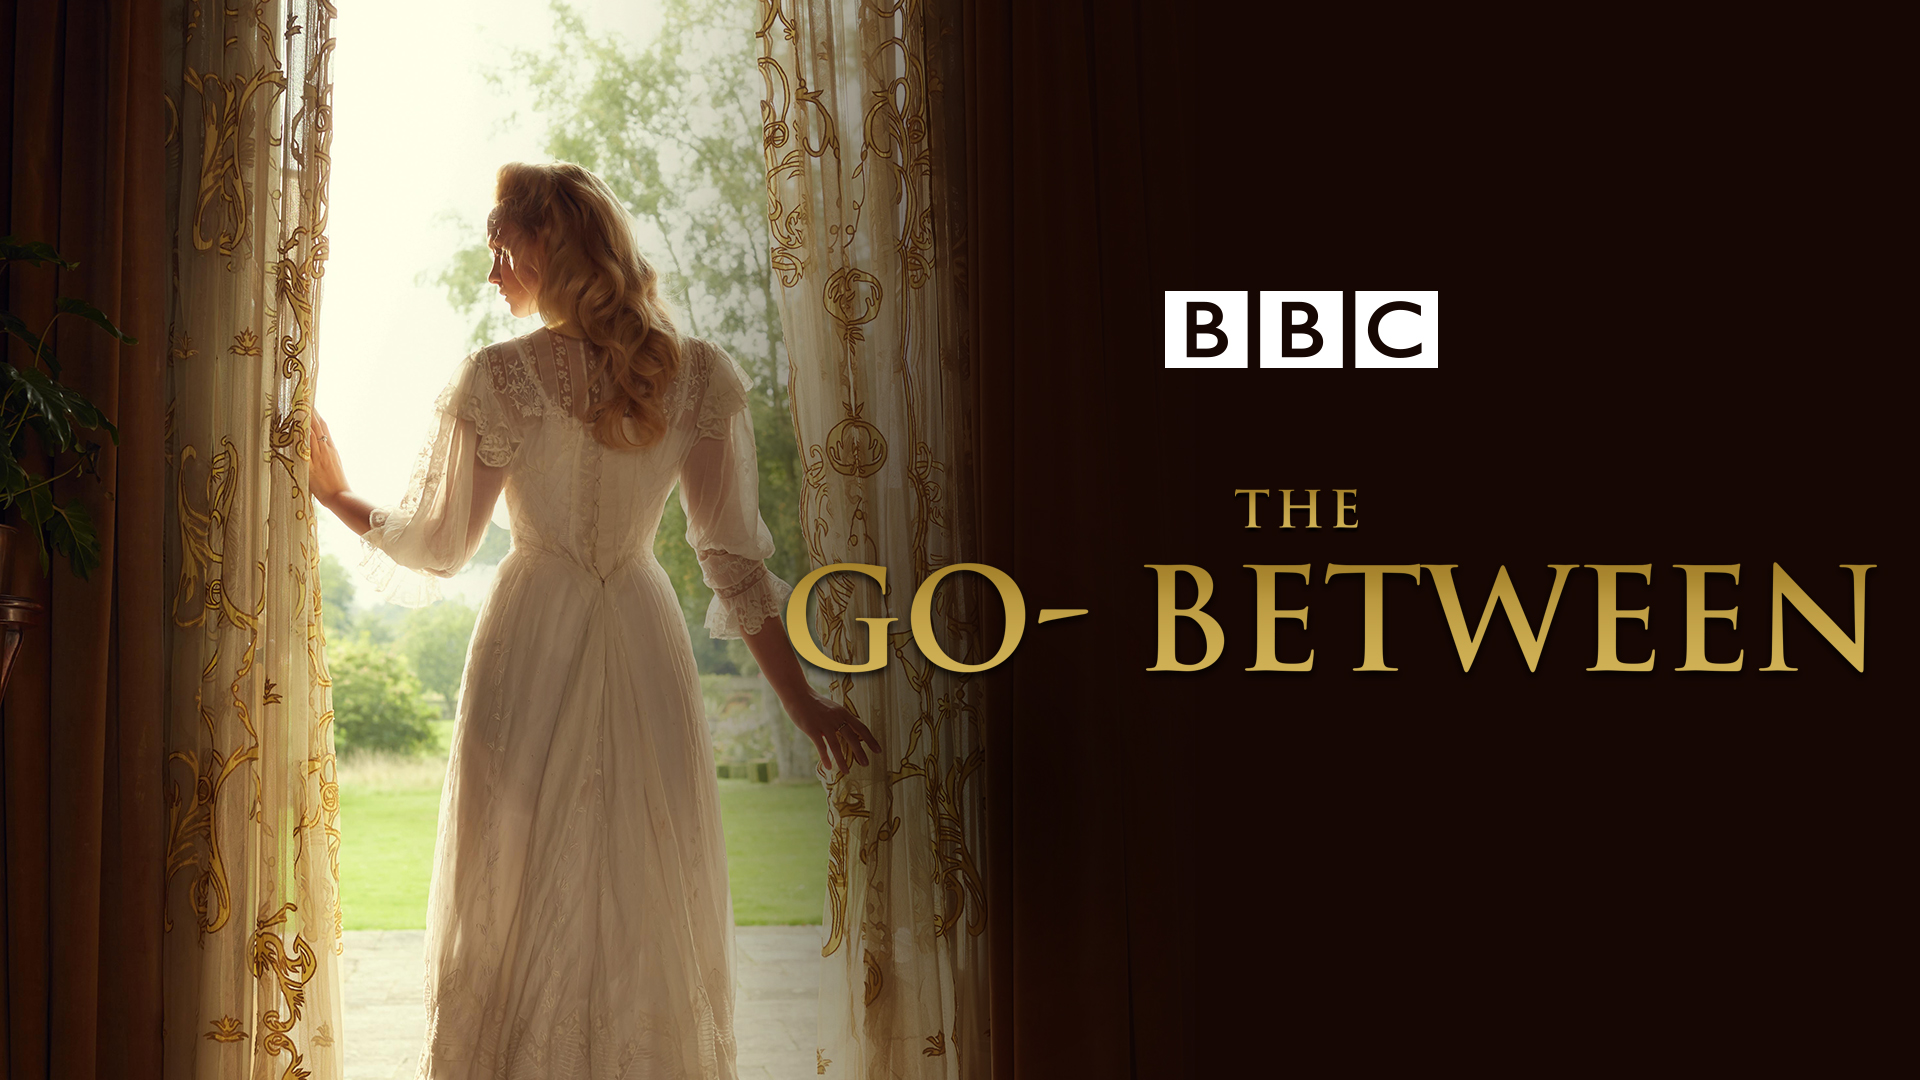 The Go Between